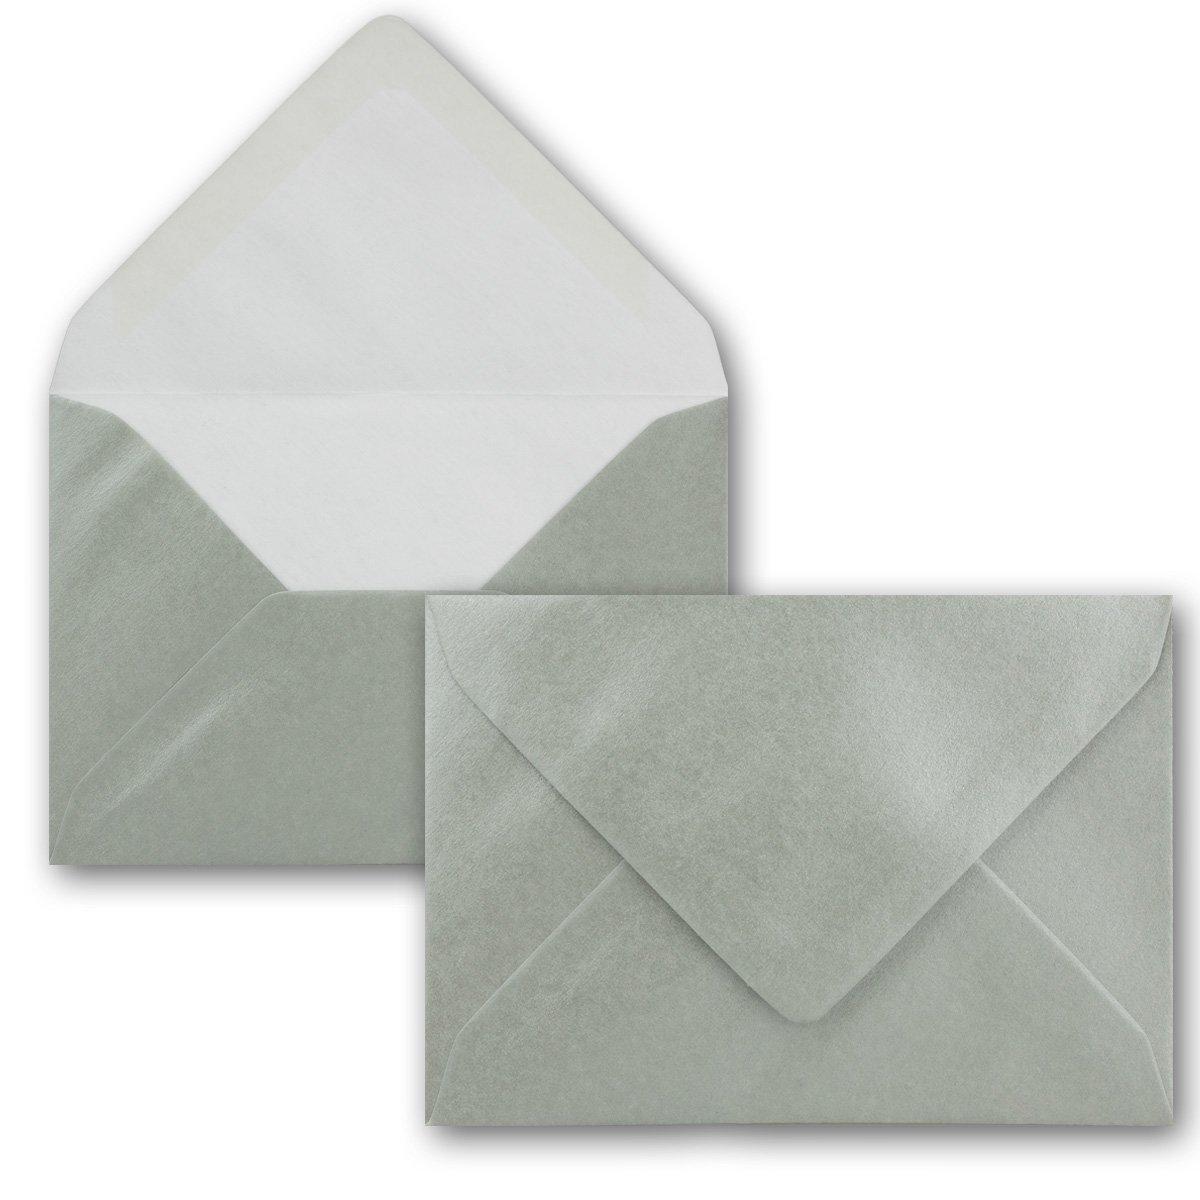 200x Stück Karte-Umschlag-Set Einzel-Karten Din A7 10,5x7,3 cm 240 240 240 g m² Dunkelgrün mit Brief-Umschlägen C7 Nassklebung ideale Geschenkanhänger B07MSCWRF9 | Deutschland  59b667